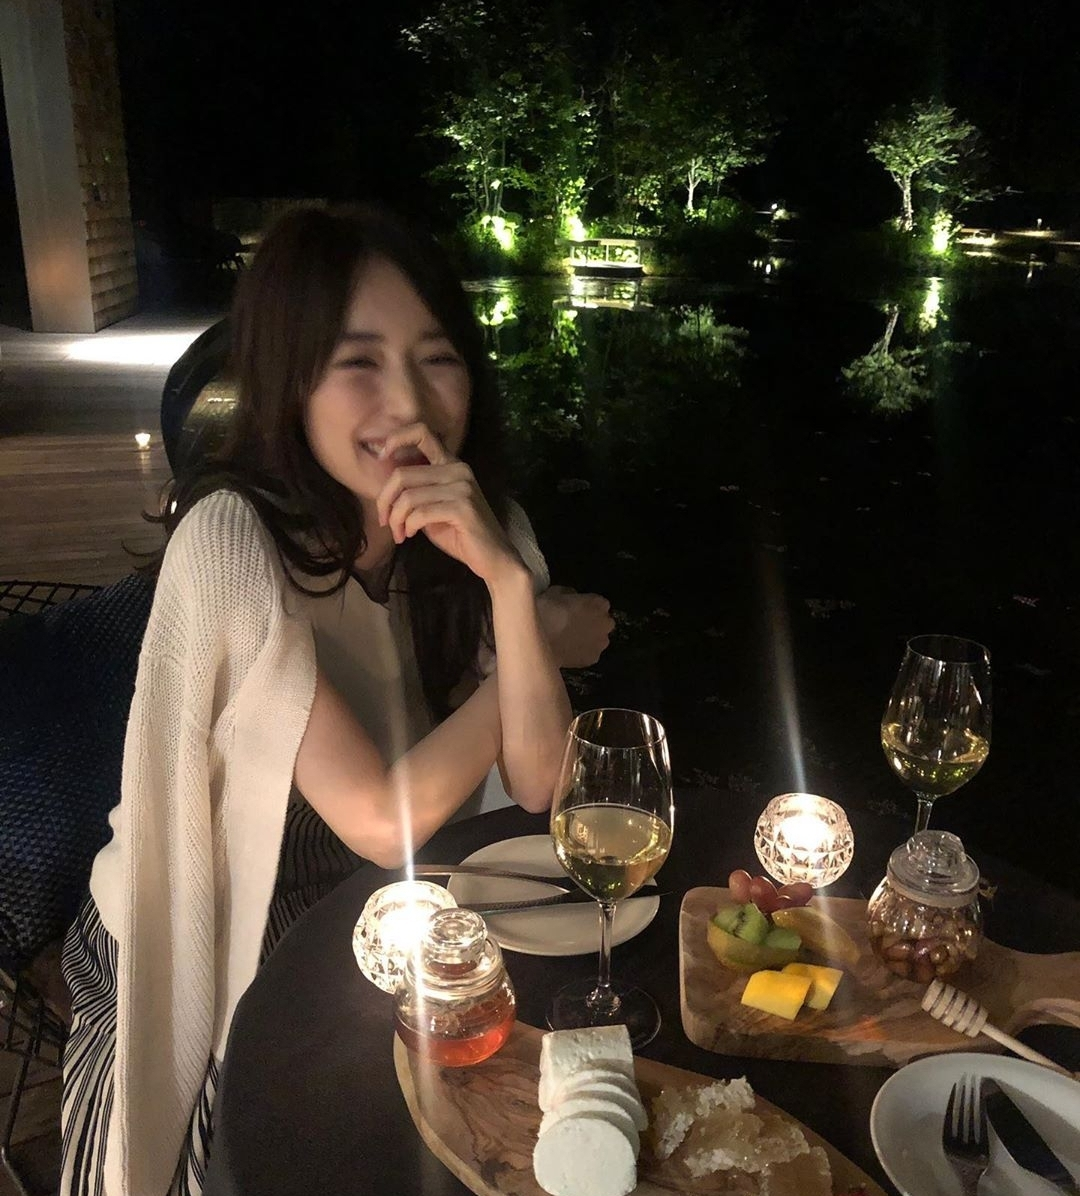 【画像】ワイ、こんな女性とこんな場所でご飯を食べたかっただけなのに。。w